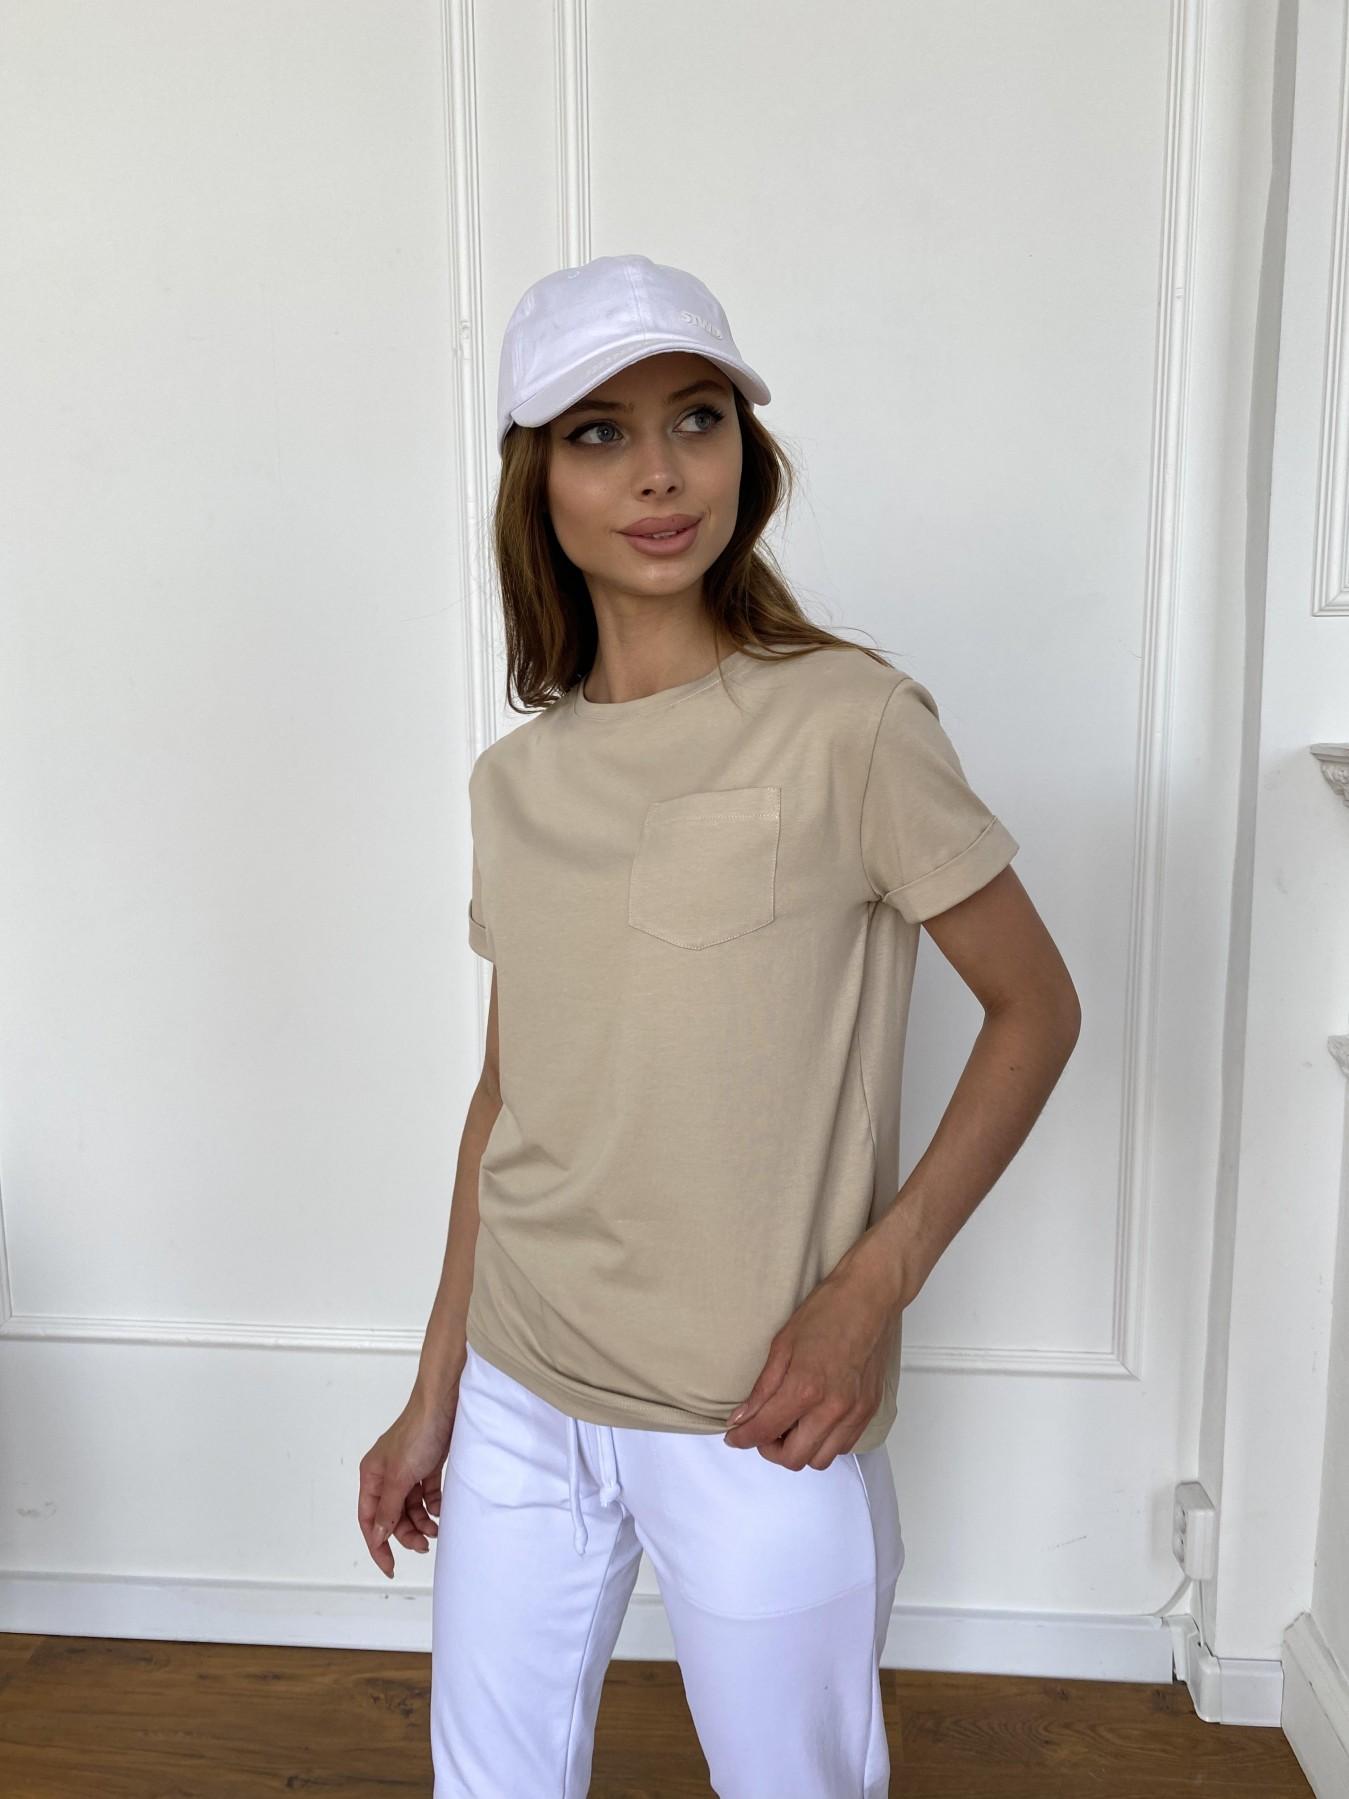 Вуди футболка из вискозы 11224 АРТ. 47877 Цвет: Бежевый - фото 5, интернет магазин tm-modus.ru